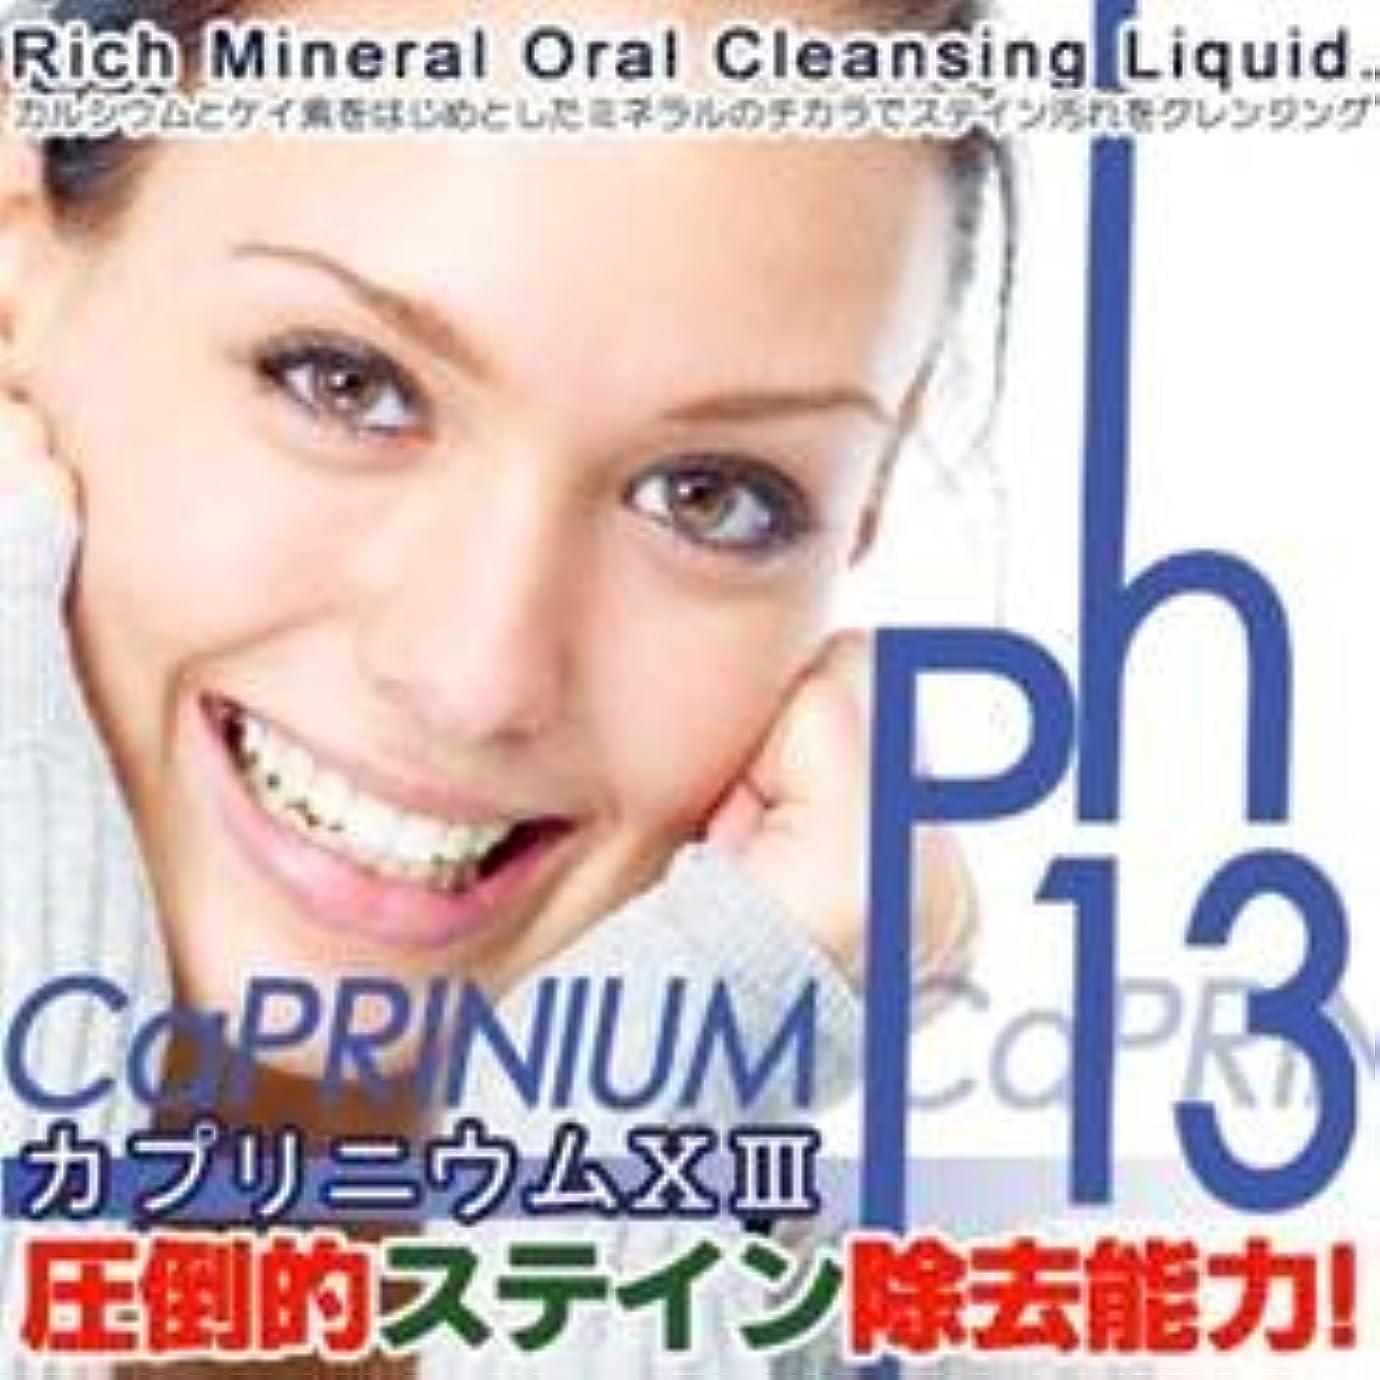 カプリニウムサーティーンジェル1個入(10日分) 電動歯ブラシ対応歯磨きジェル